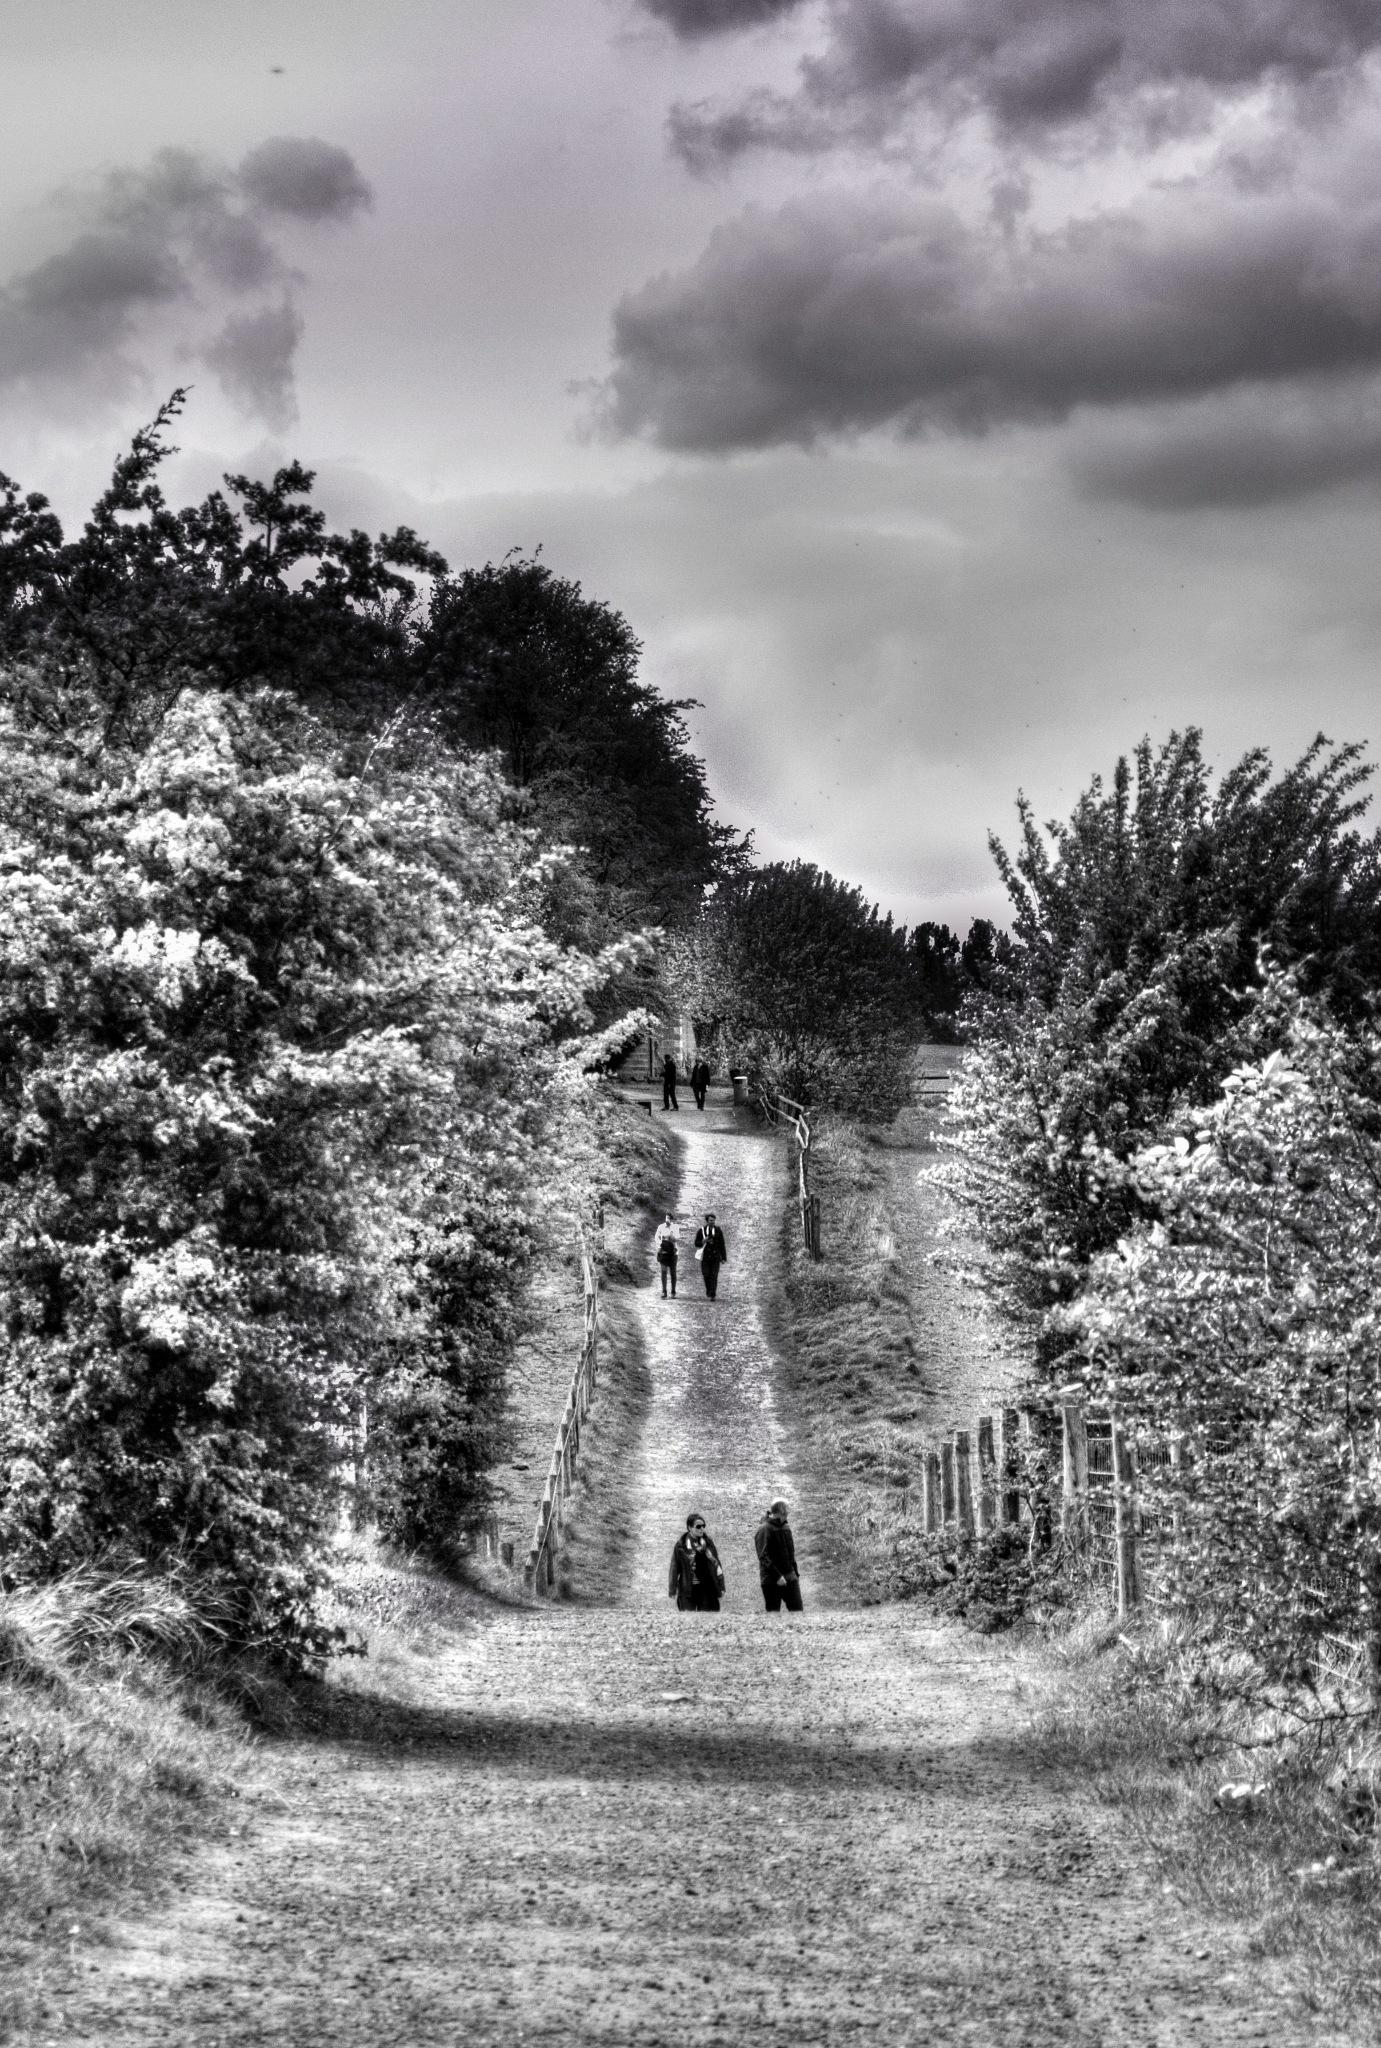 The walking life by Franczesko